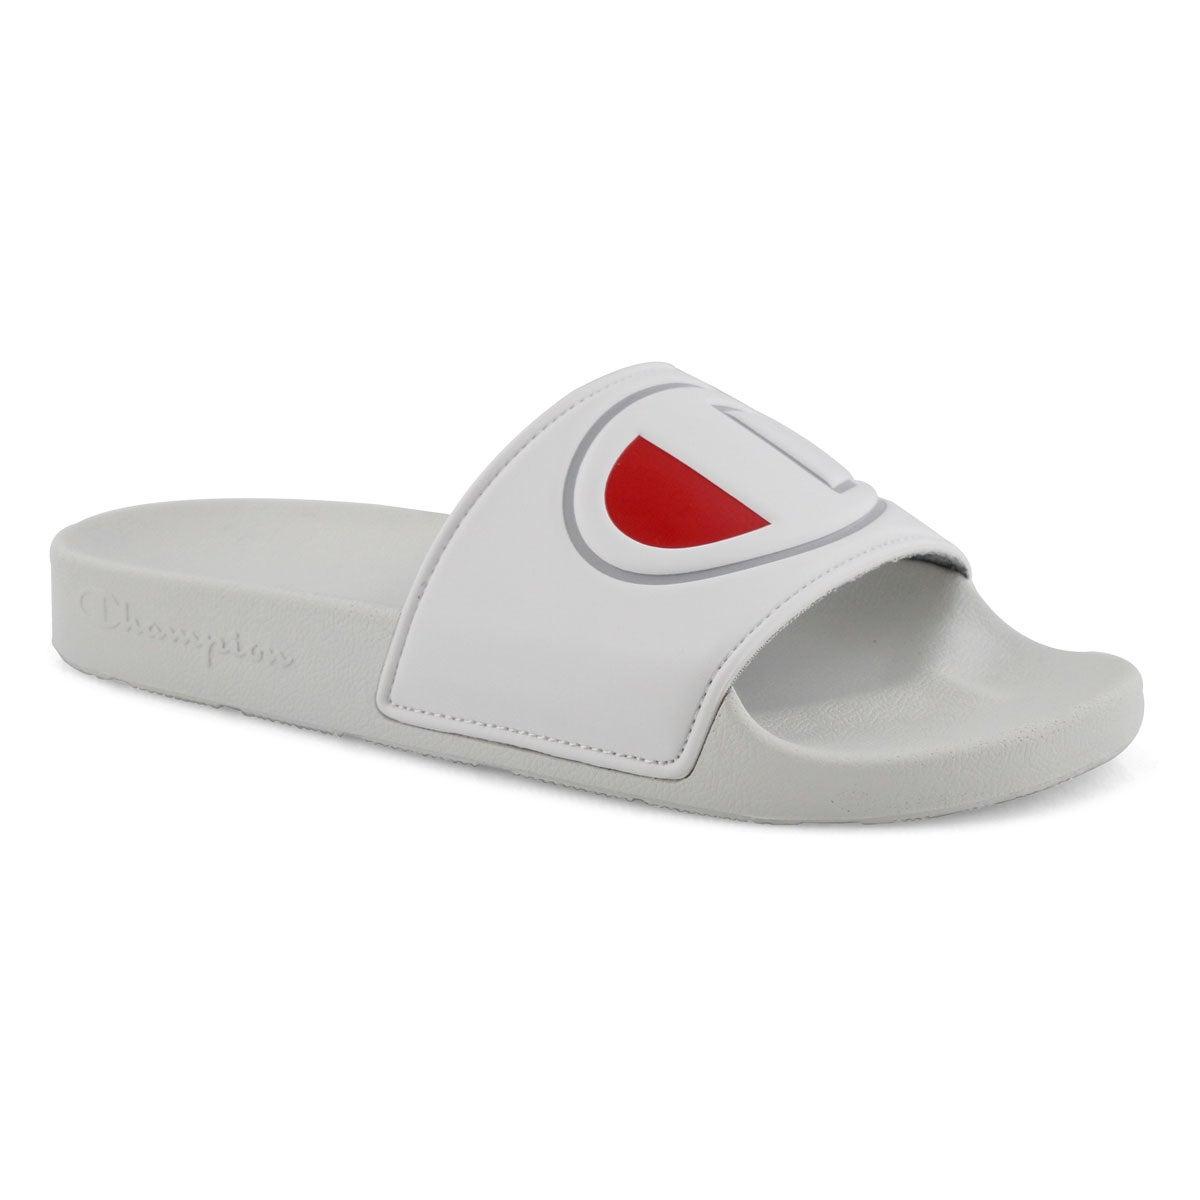 Lds Ipo white sport slide sandal